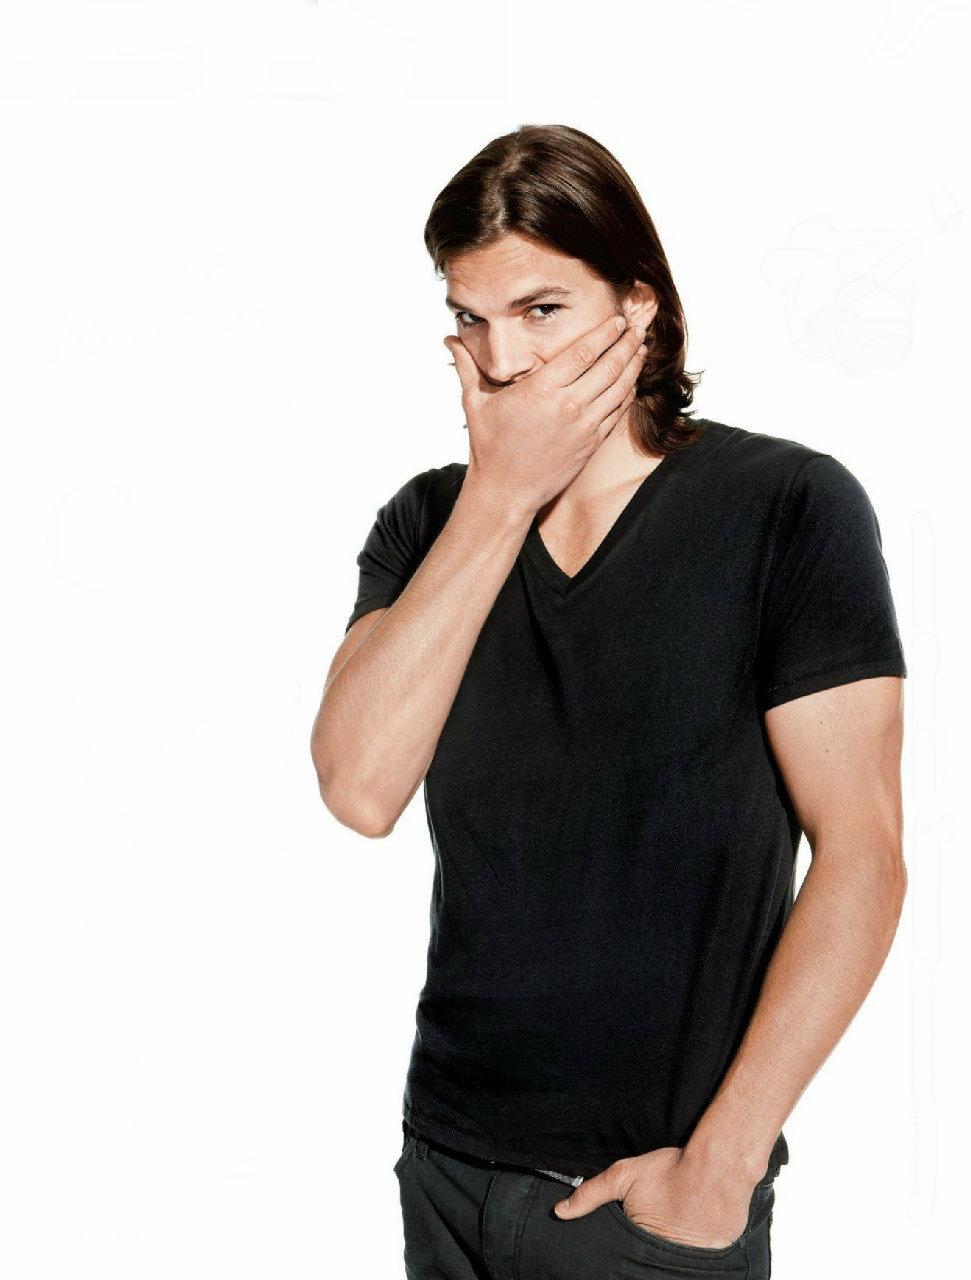 """Ashton Kutcher. Um dos maiores galãs da atualidade e que hoje completa 35 anos, não é lá um grande ícone de estilo. Mas mesmo assim merece o nosso reconhecimento pelo bom gosto que demonstra na maioria das vezes para se vestir. Ele é mais um exemplo de homem que amadureceu junto com o guarda-roupa. Quando Ashon despontou para o mundo ao atuar brilhantemente no seriado """"That 70s Show"""", Ashton era um certo desastre em termos de figurino. Sorte nossa que hoje o cara tem se comportado melhor, entrando até para galerias de mais vem vestidos e estampando campanhas publicitárias de marcas como Colcci e Pepe Jeans."""